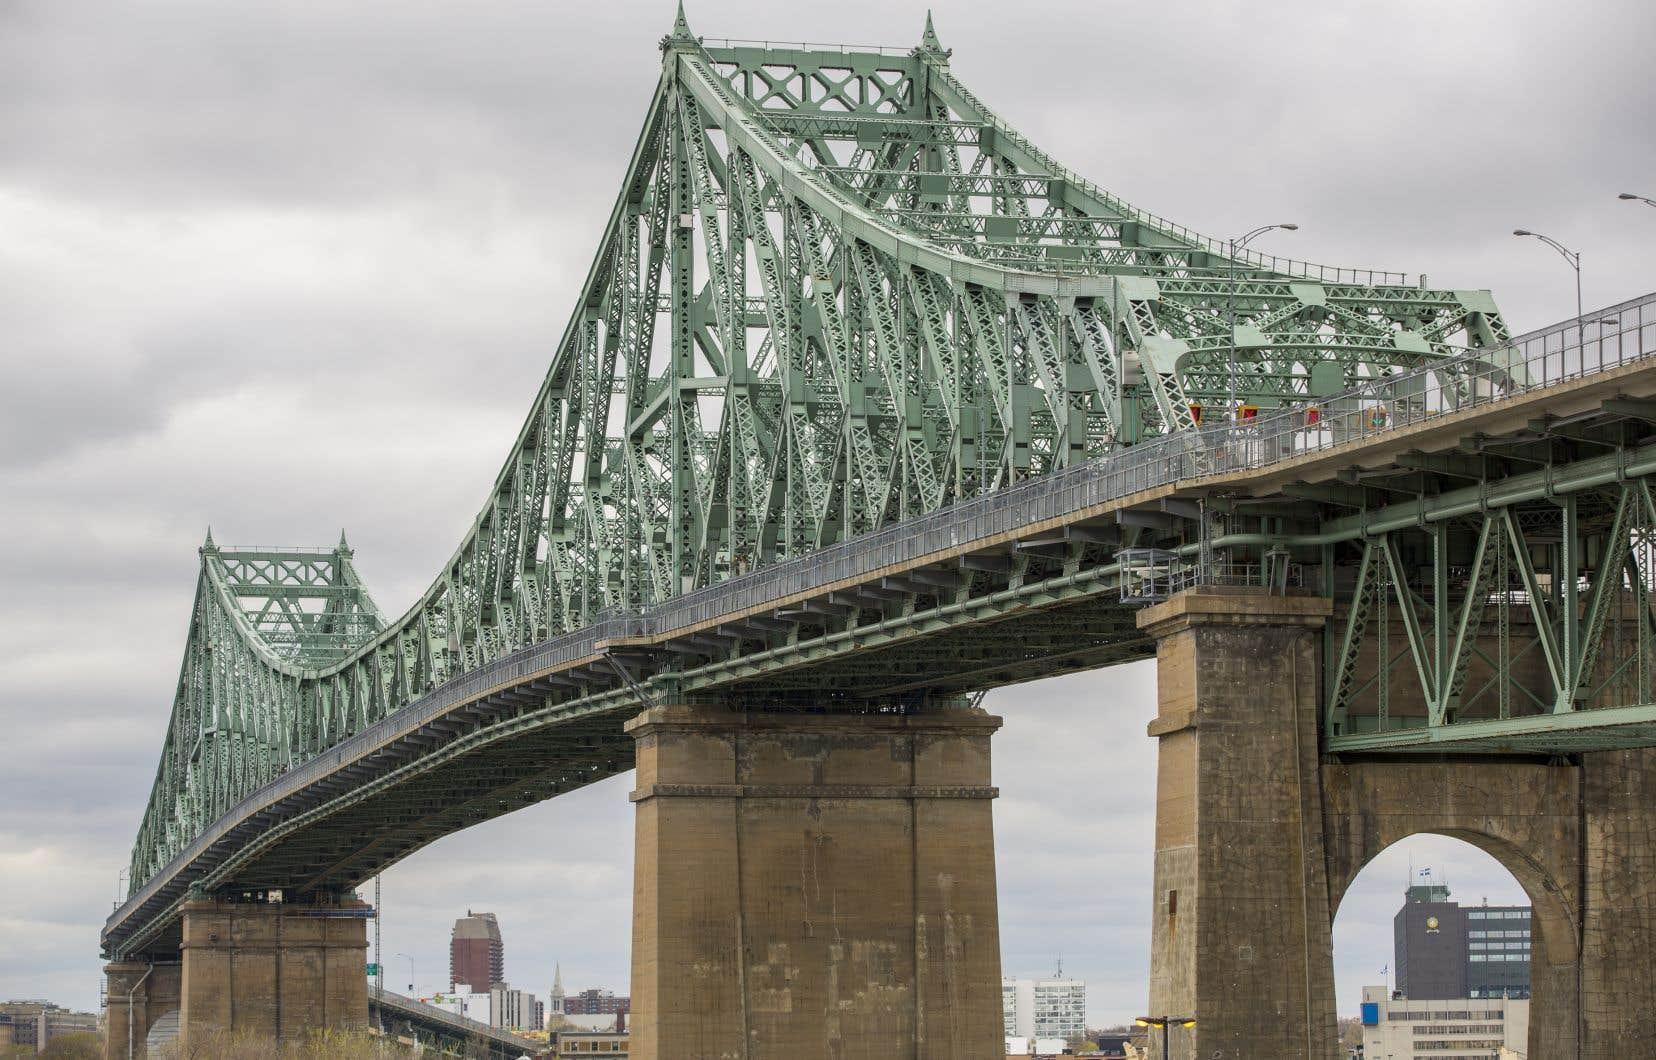 «Donner le nom de Jacques Cartier au nouveau pont construit en 1934 a nécessité quatre ans de combat; idem pour donner le nom du patriote De Lorimier en 1883 à la rue qui portait jusqu'alors celui du bourreau des patriotes, Colborne», rappelle l'auteur.